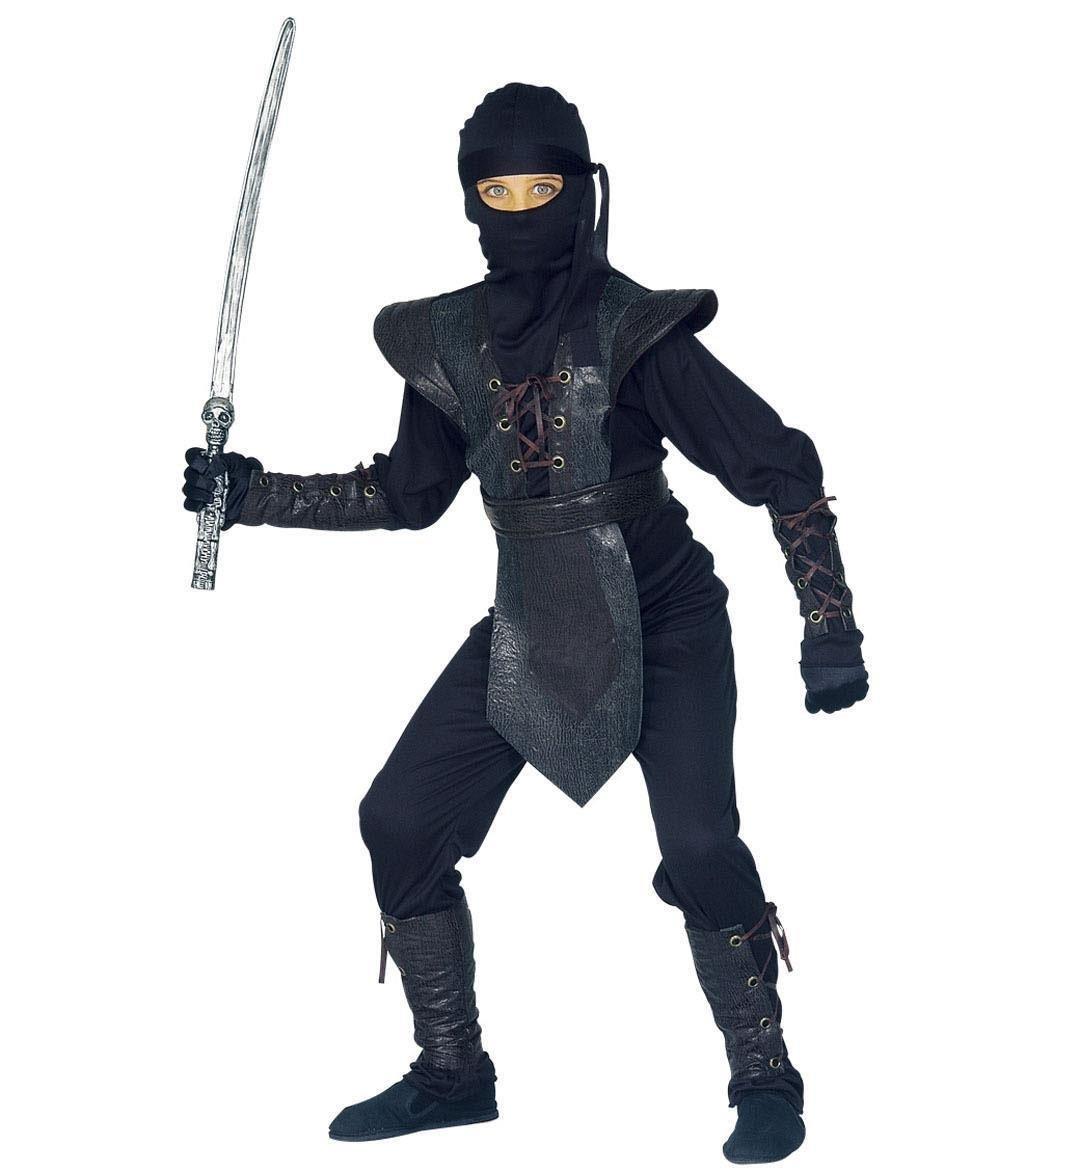 WIDMANN 38797 – Kostüm Krieger Ninja 'Ninja Master' in Größe 8 10 Jahre B009DUG2IC Kostüme für Kinder Für Ihre Wahl | Gewinnen Sie hoch geschätzt